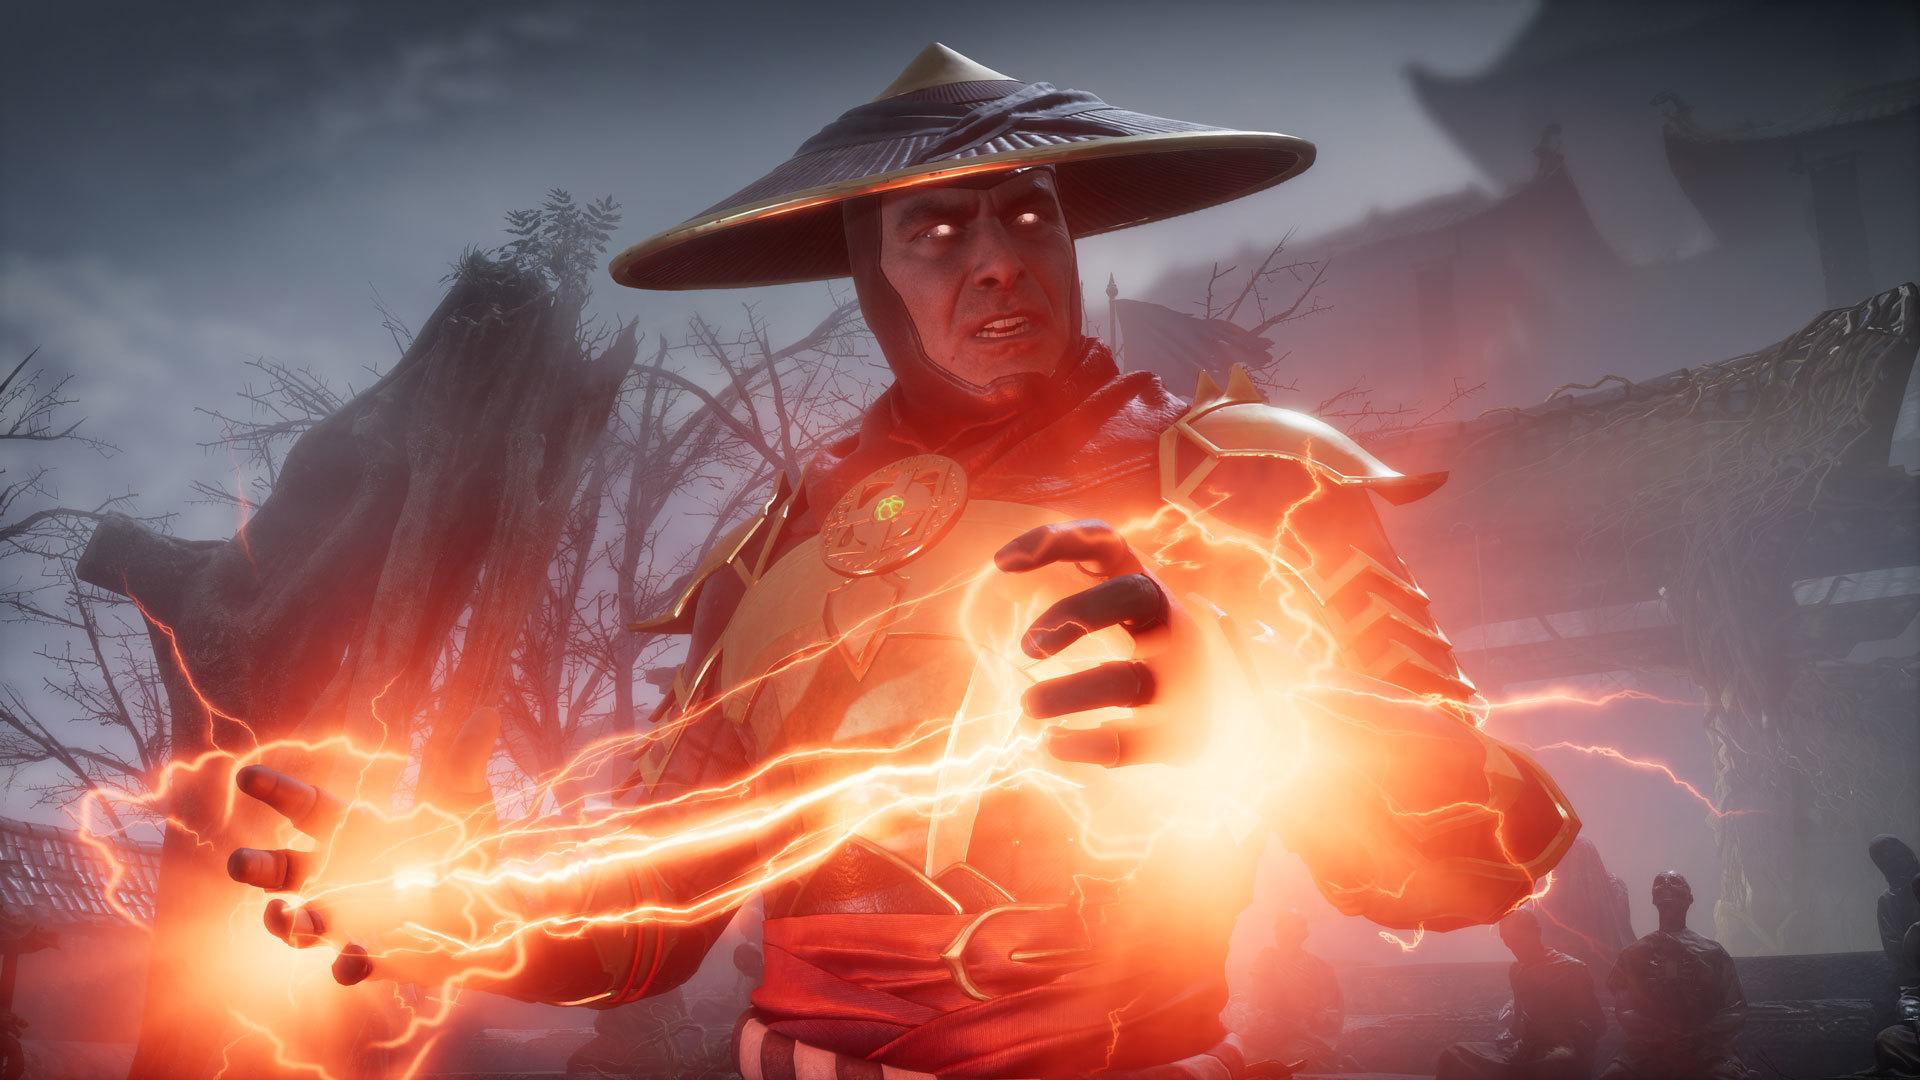 Опубликован кровавый трейлер новой части Mortal Kombat